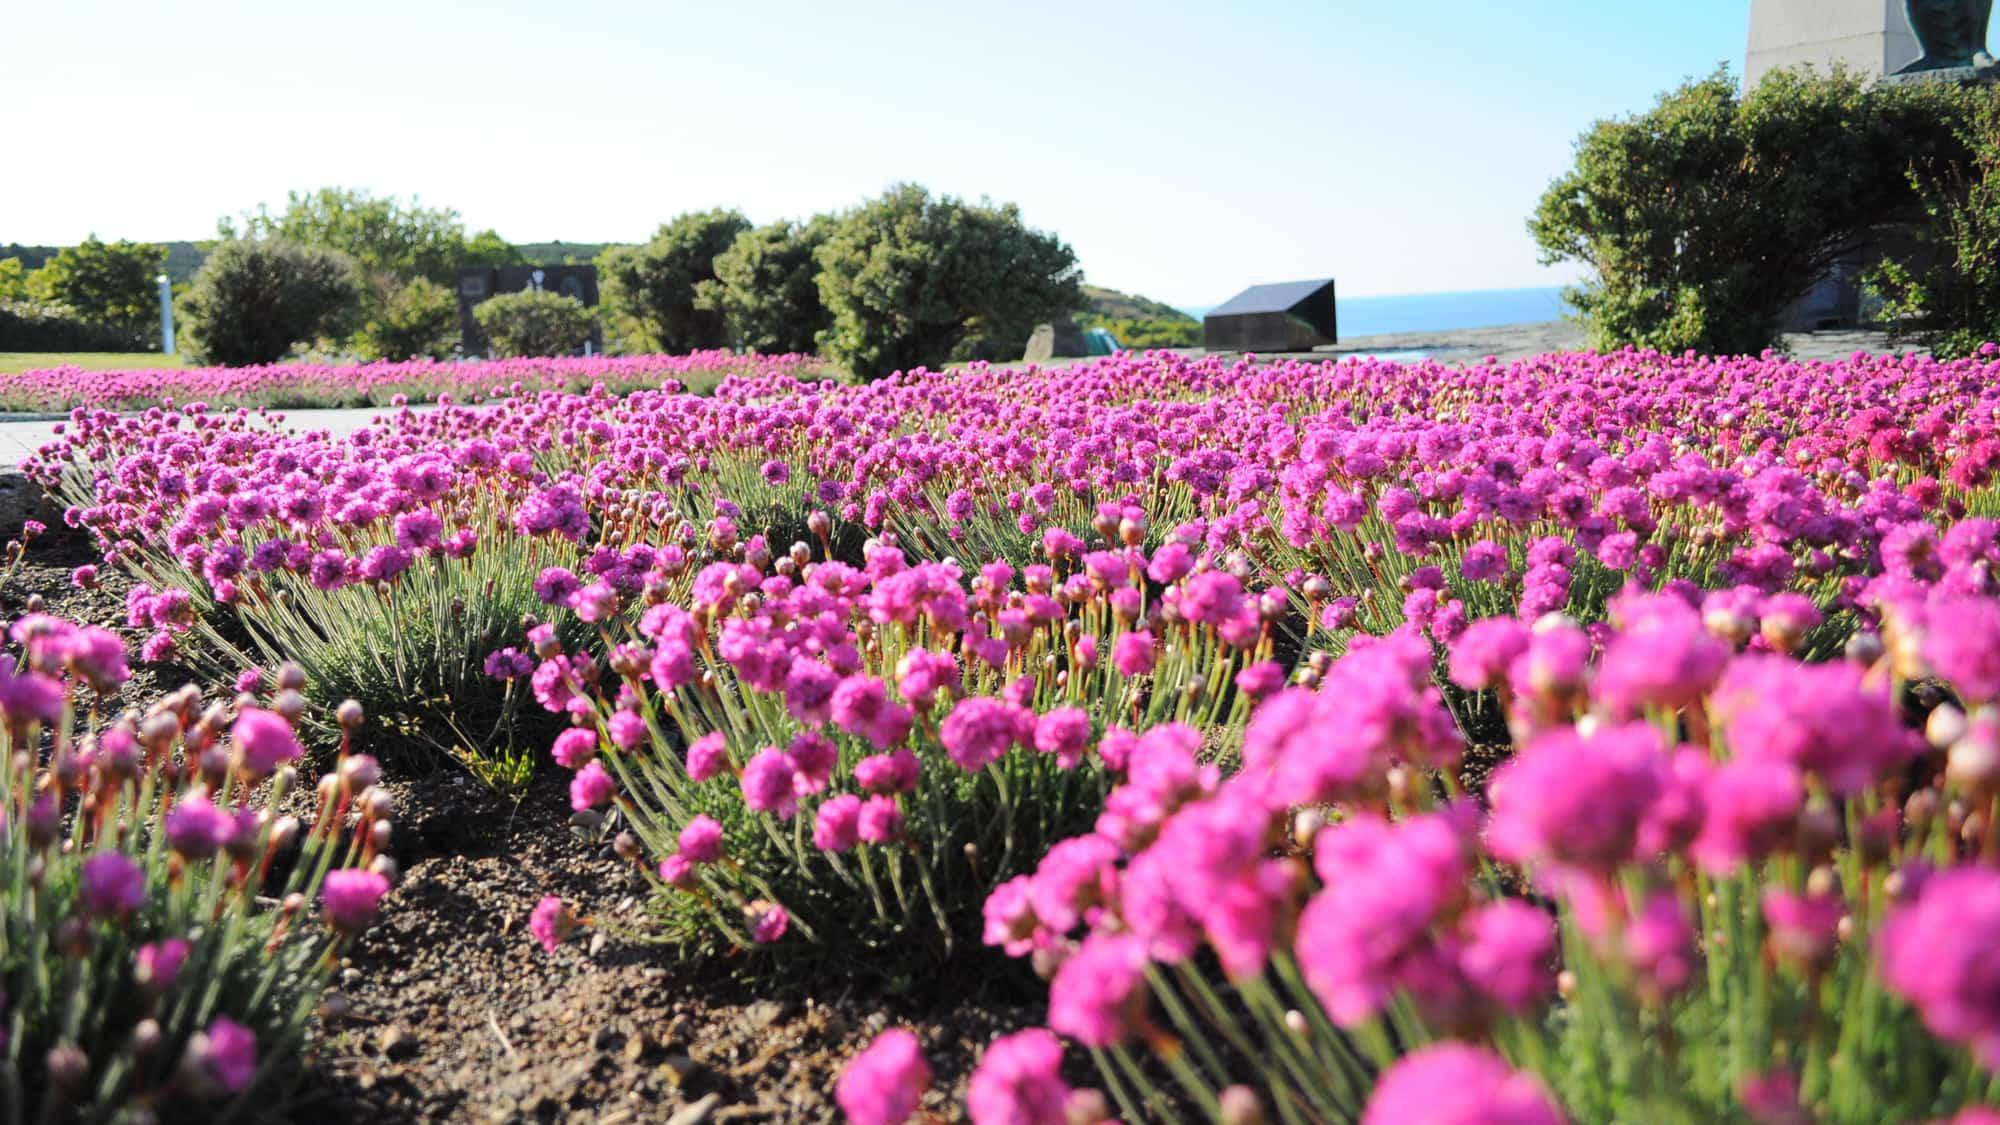 【稚内公園】6月〜7月には公園内にたくさんのアルメリアが開花します。